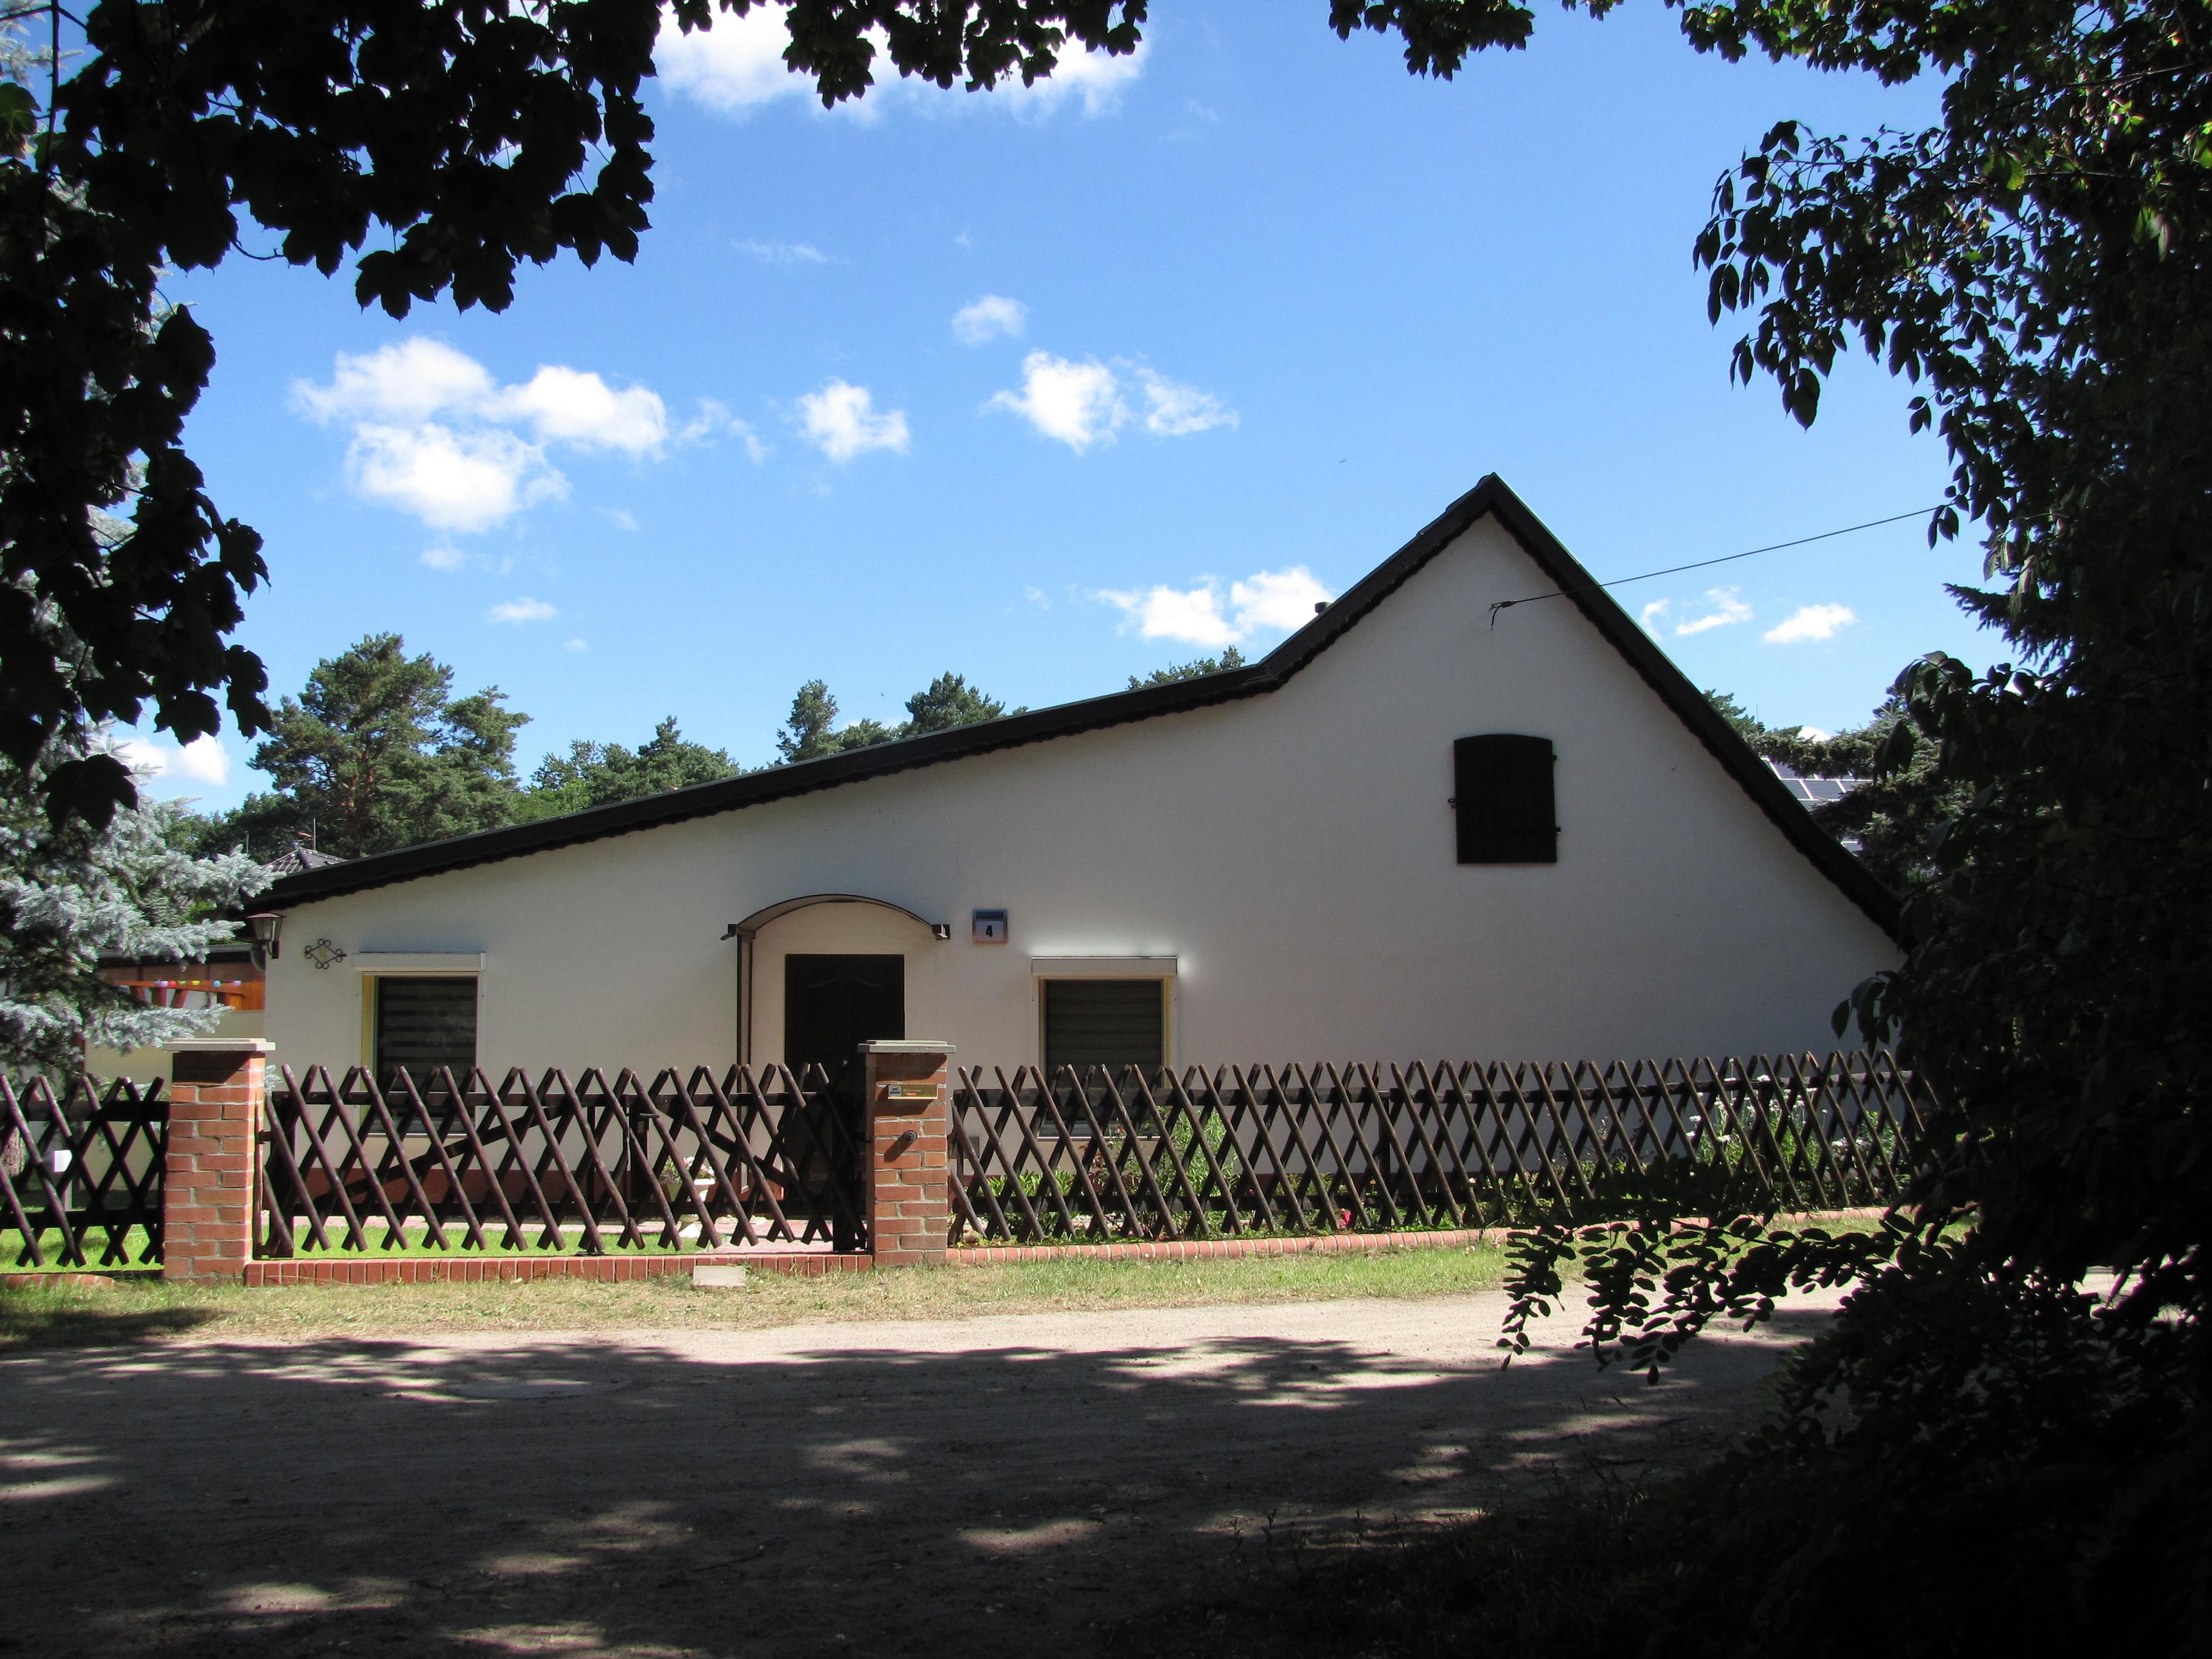 Ferienhaus Spreewaldhaus Lübben (2463478), Lübben, Spreewald, Brandenburg, Deutschland, Bild 1